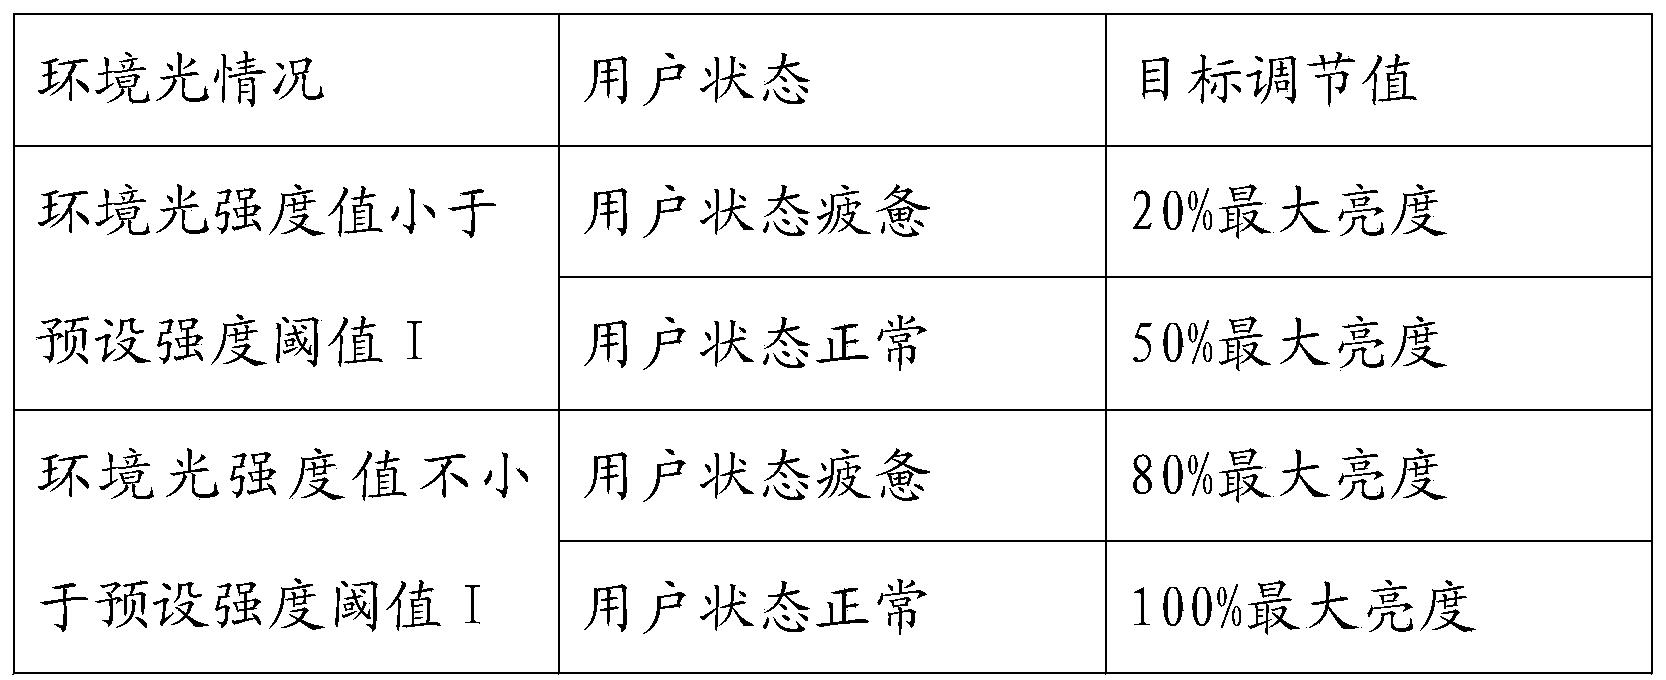 Figure PCTCN2018116795-appb-000001